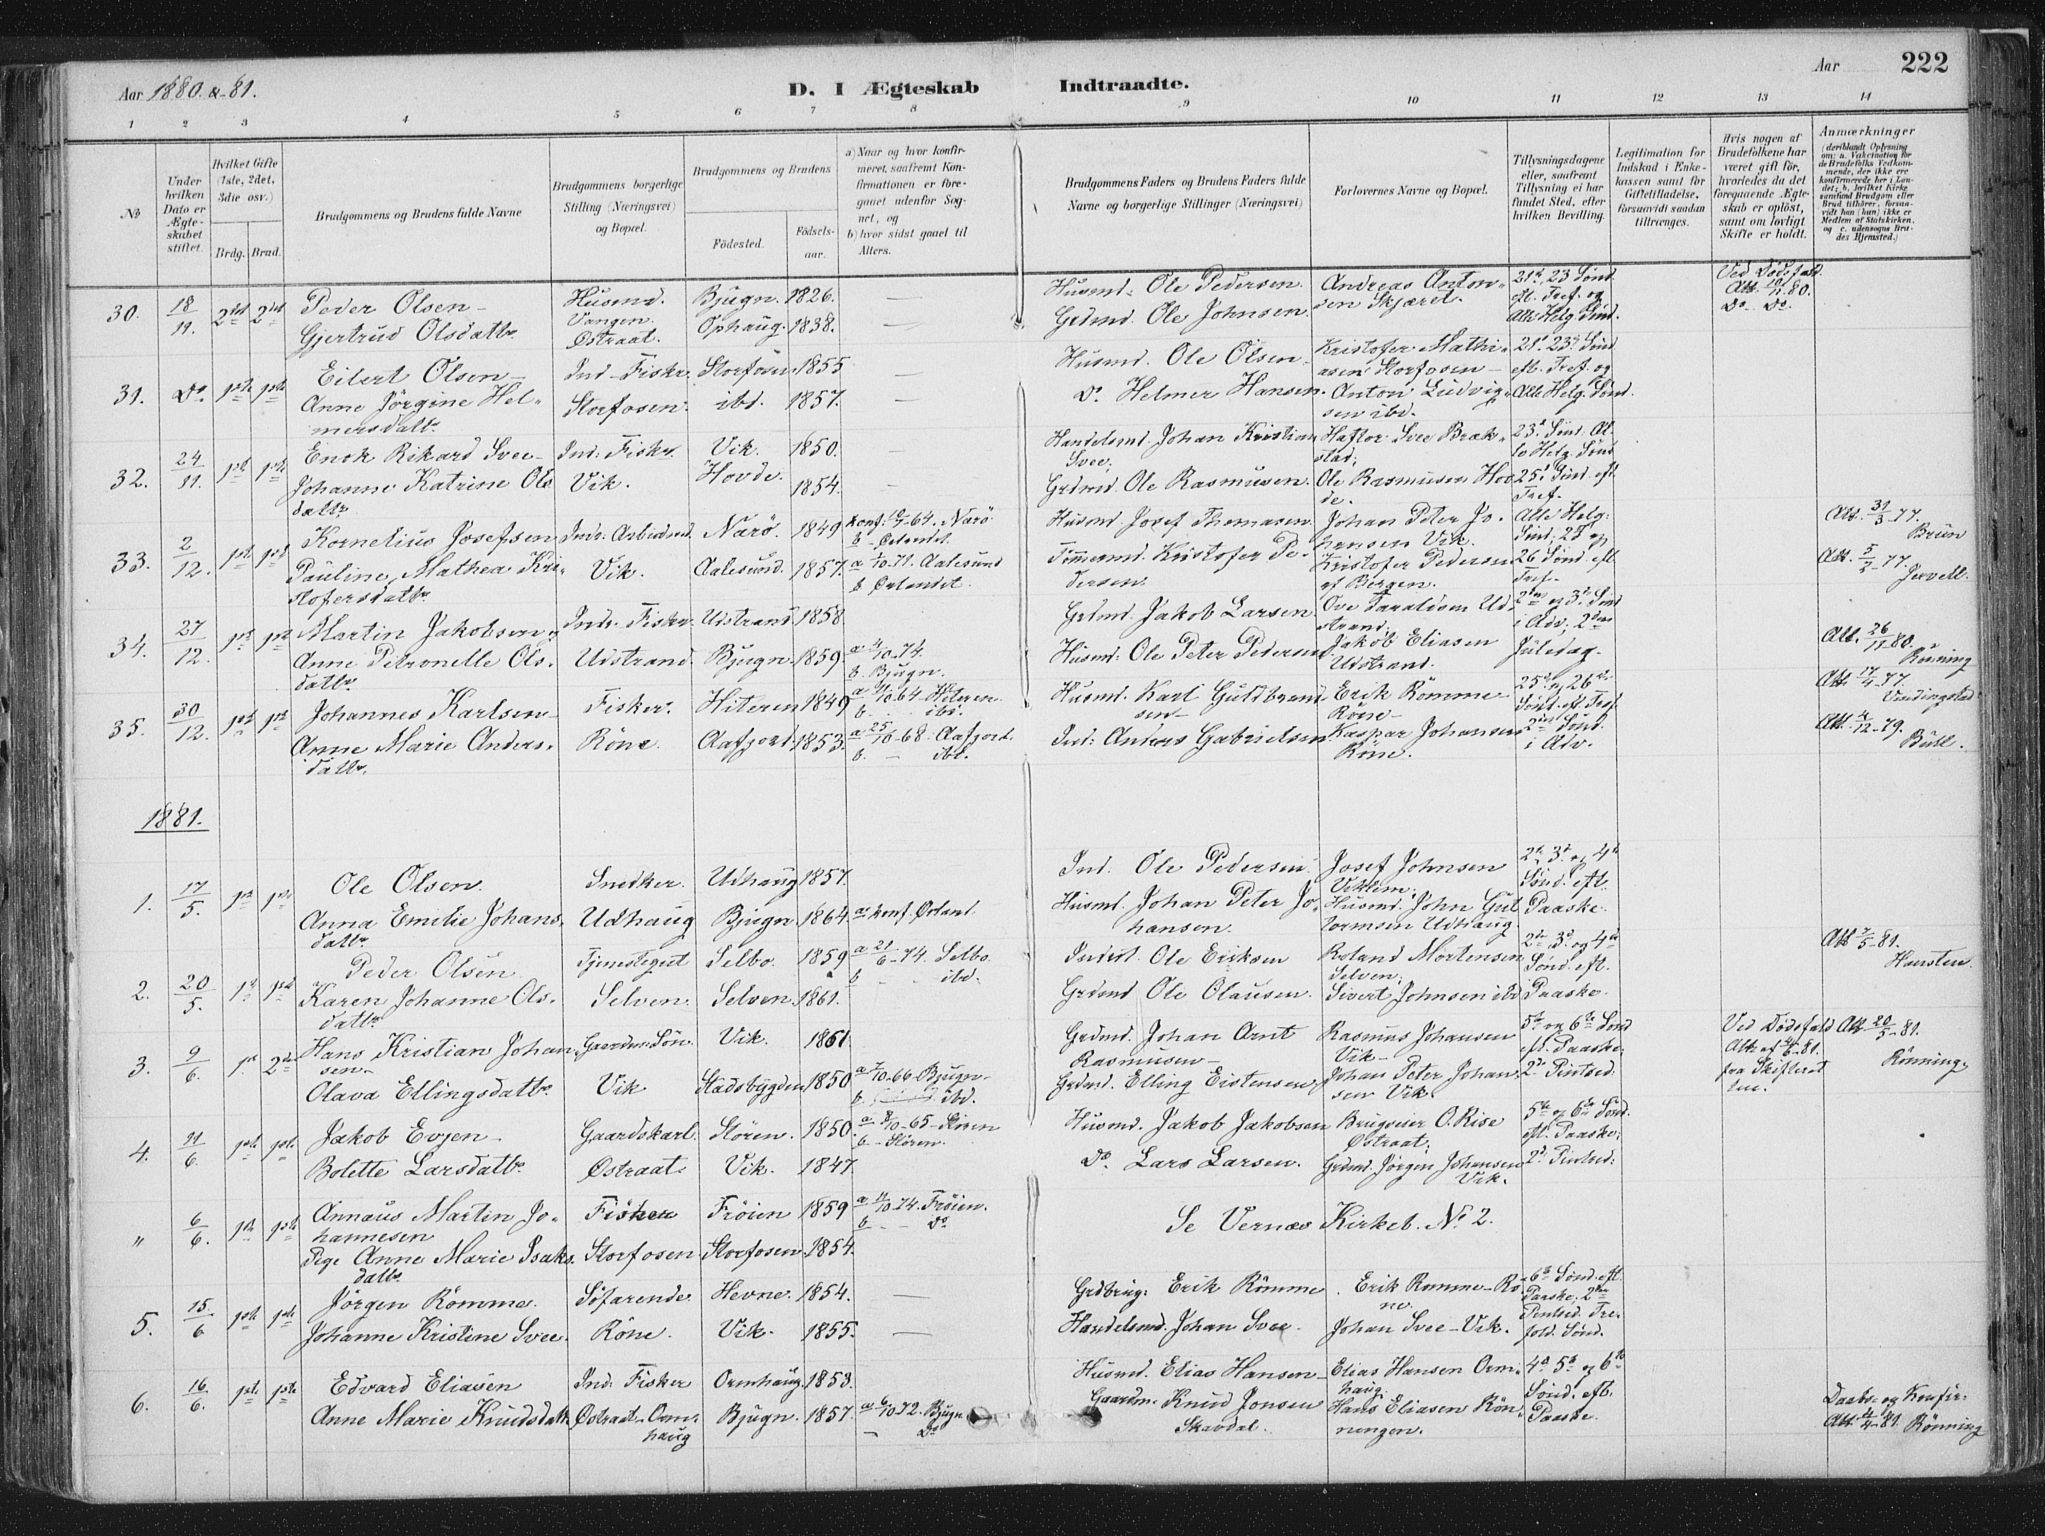 SAT, Ministerialprotokoller, klokkerbøker og fødselsregistre - Sør-Trøndelag, 659/L0739: Ministerialbok nr. 659A09, 1879-1893, s. 222